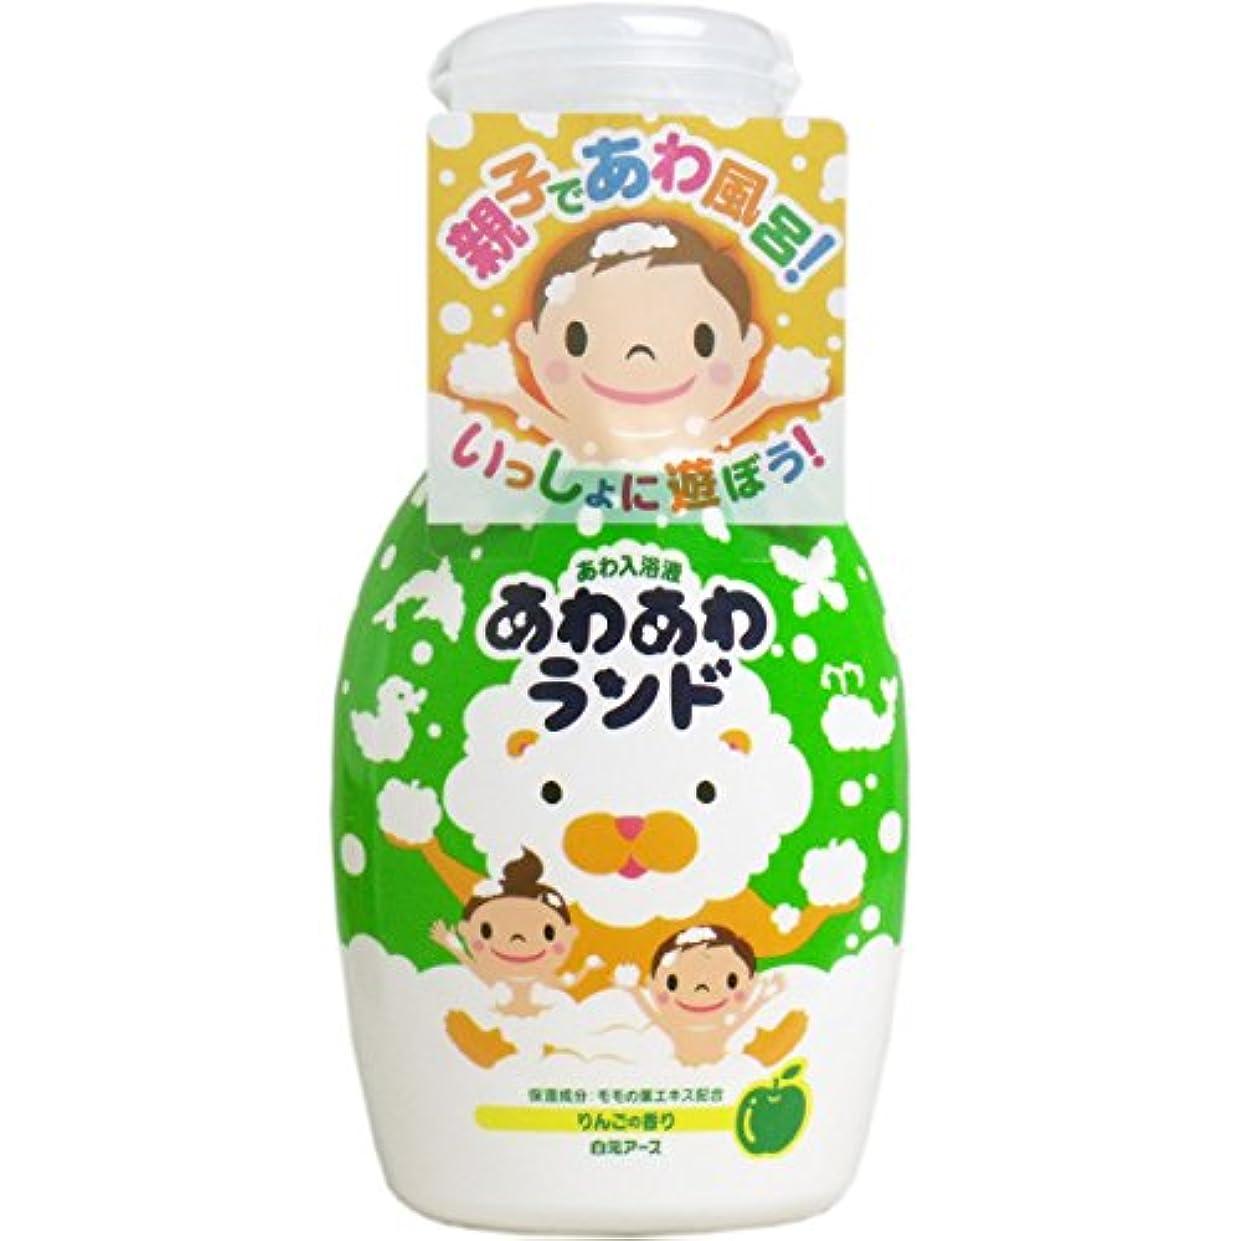 植木スーパーマーケット先史時代のあわあわランド りんごの香り × 3個セット